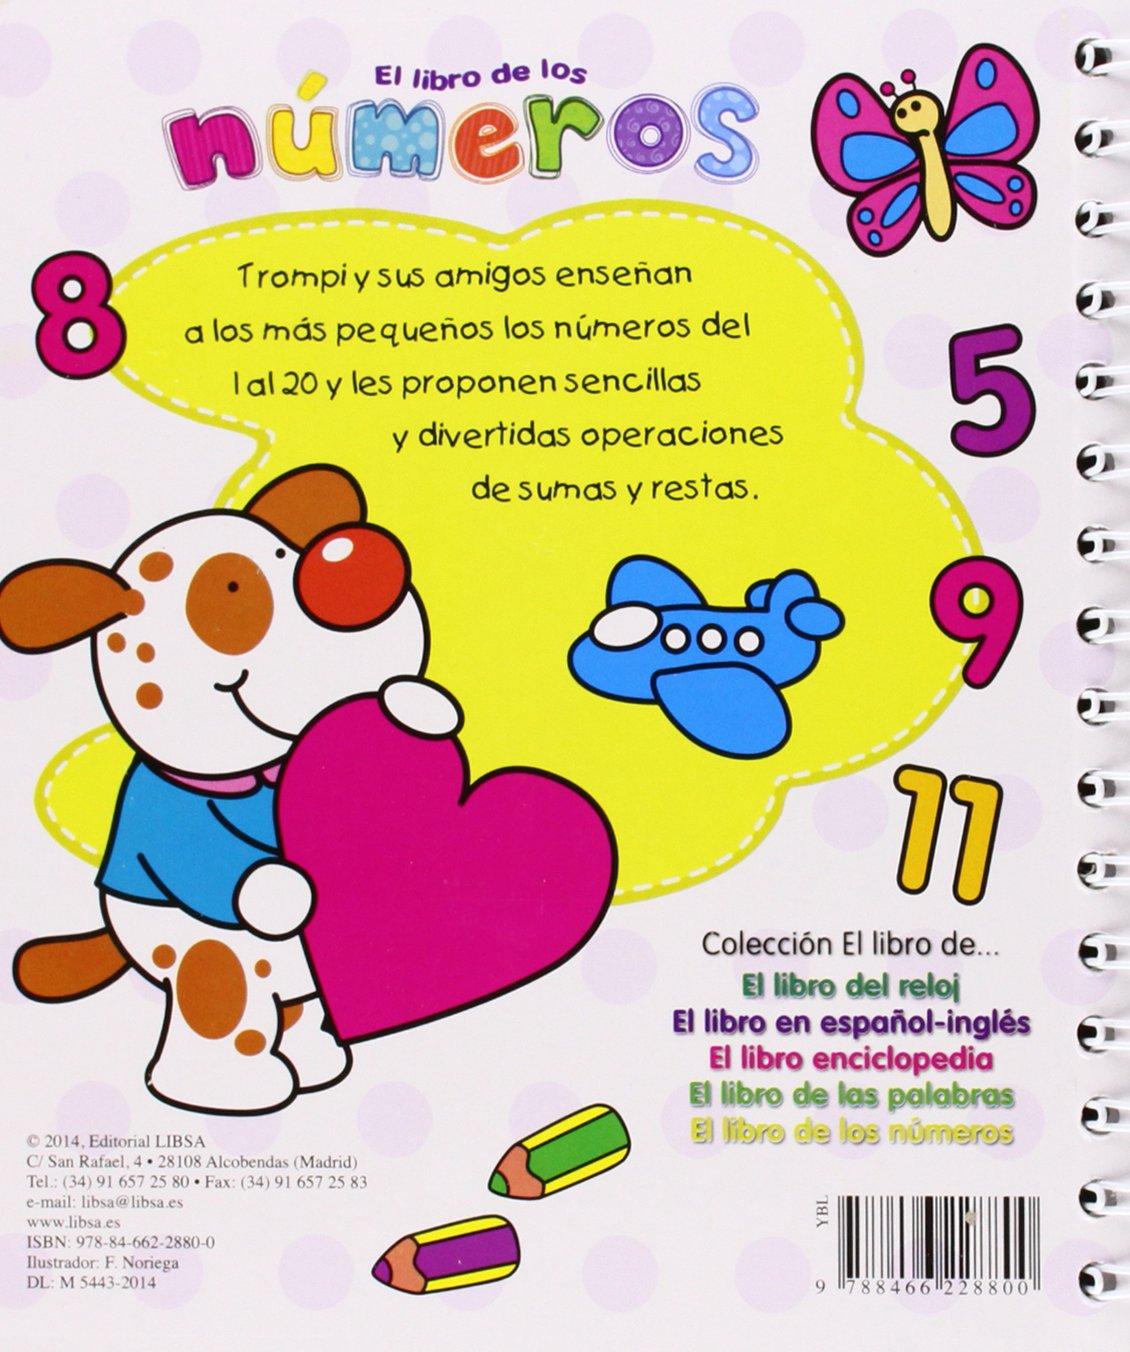 El Libro de los Números: Equipo Editorial: 9788466228800: Amazon.com: Books